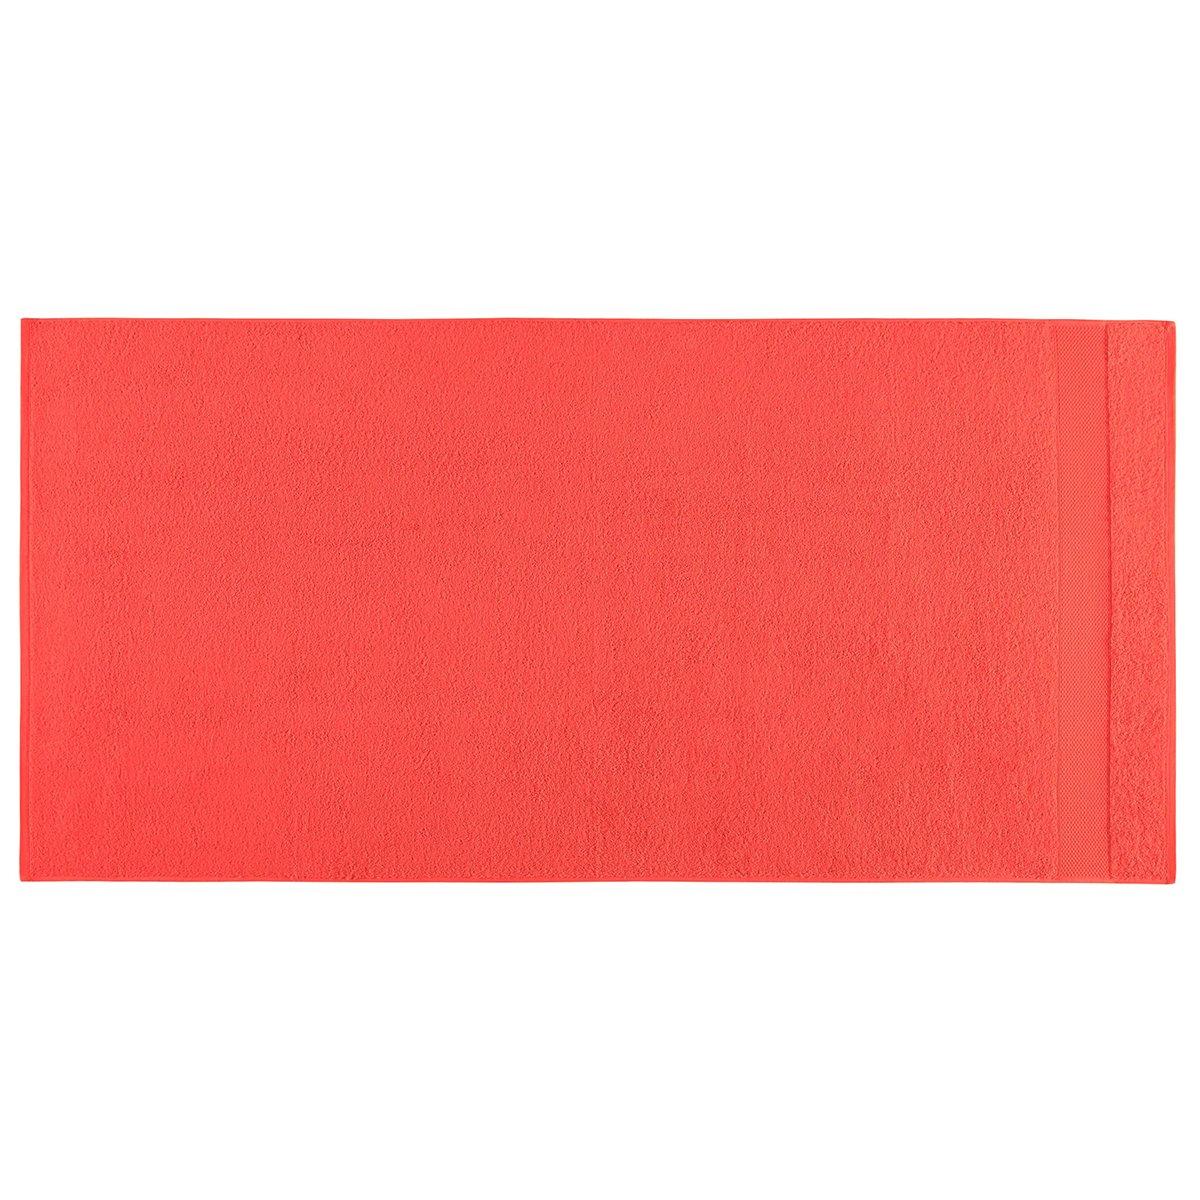 Drap de douche coton 70x140 cm glaïeul